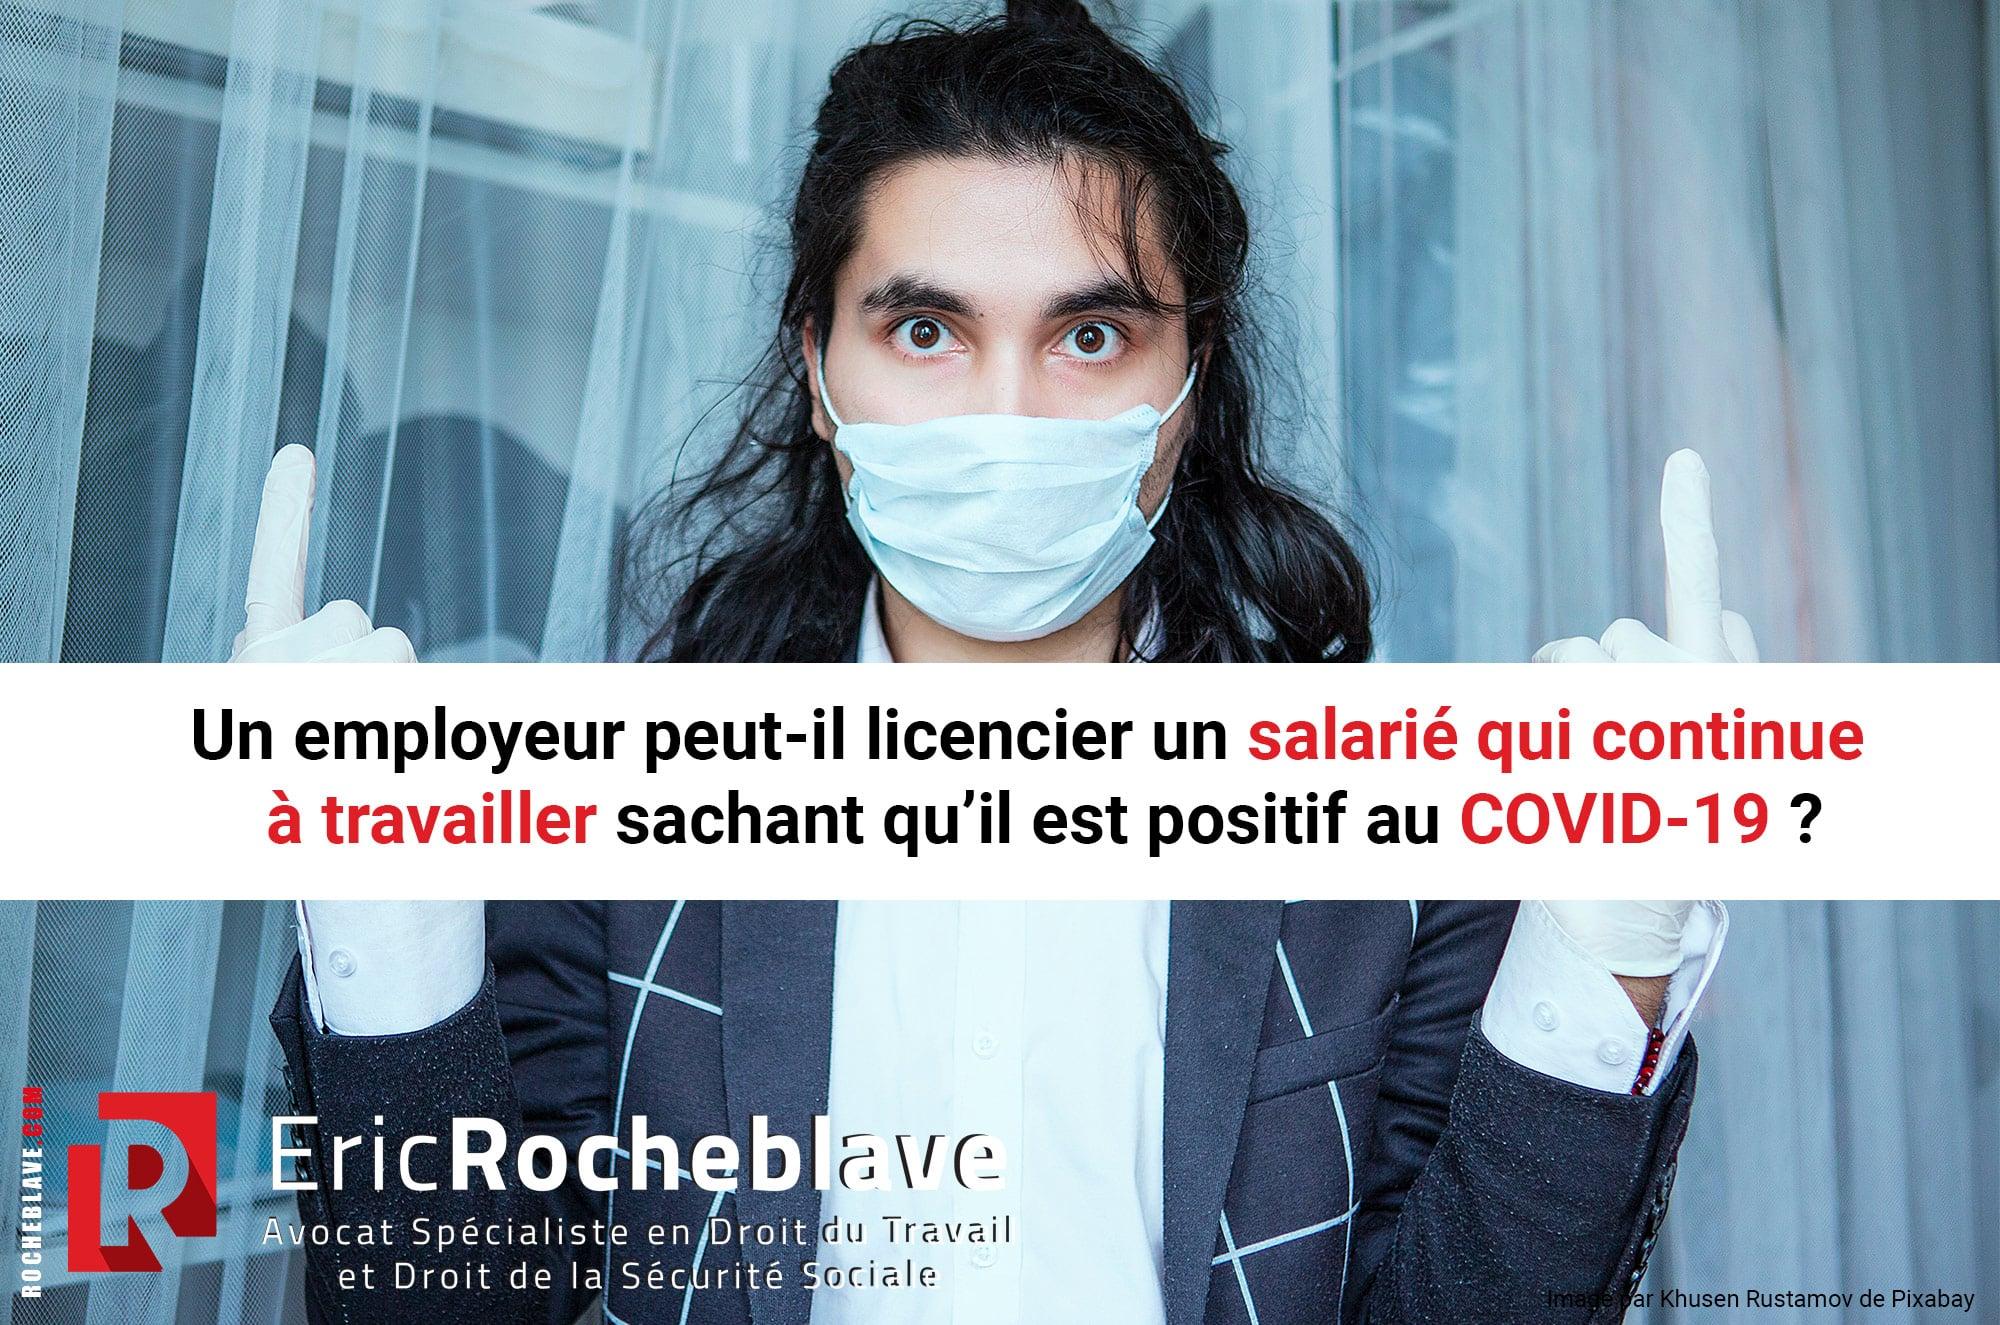 Un employeur peut-il licencier un salarié qui continue à travailler sachant qu'il est positif au COVID-19